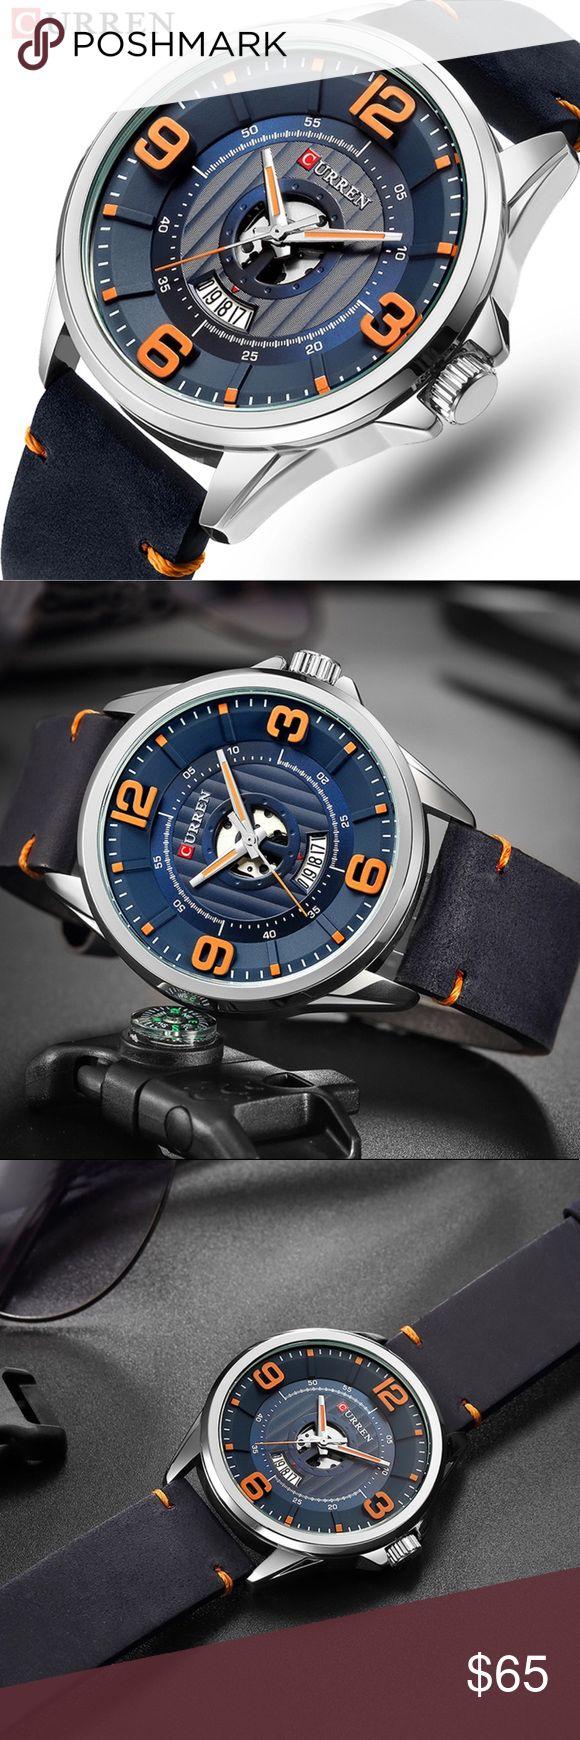 Relógio esportivo para homens Curren Marca de moda Relógio esportivo resistente à água (30 m) …   – My Posh Picks